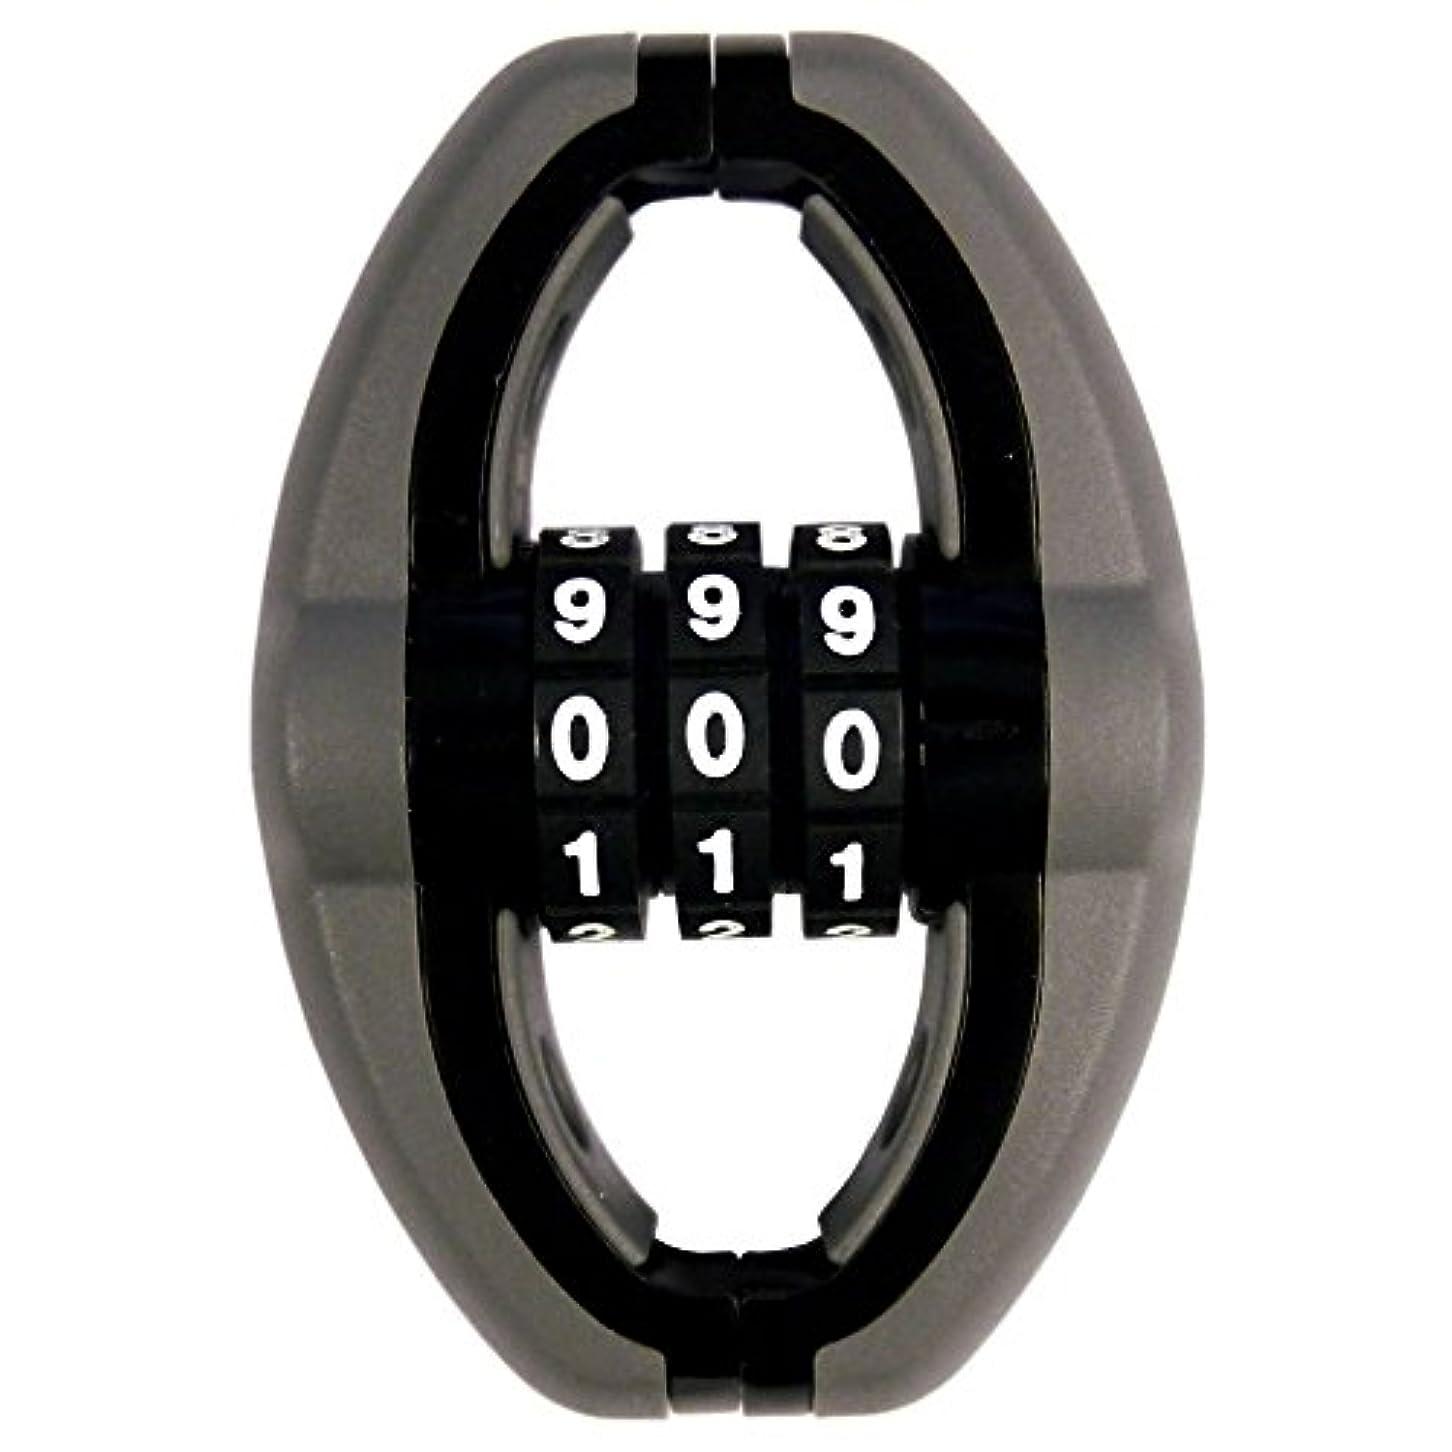 残忍な境界正確なニッコー(NIKKO) OVAL LOCK [オーバルロック] 番号変更可能 N804GR-P